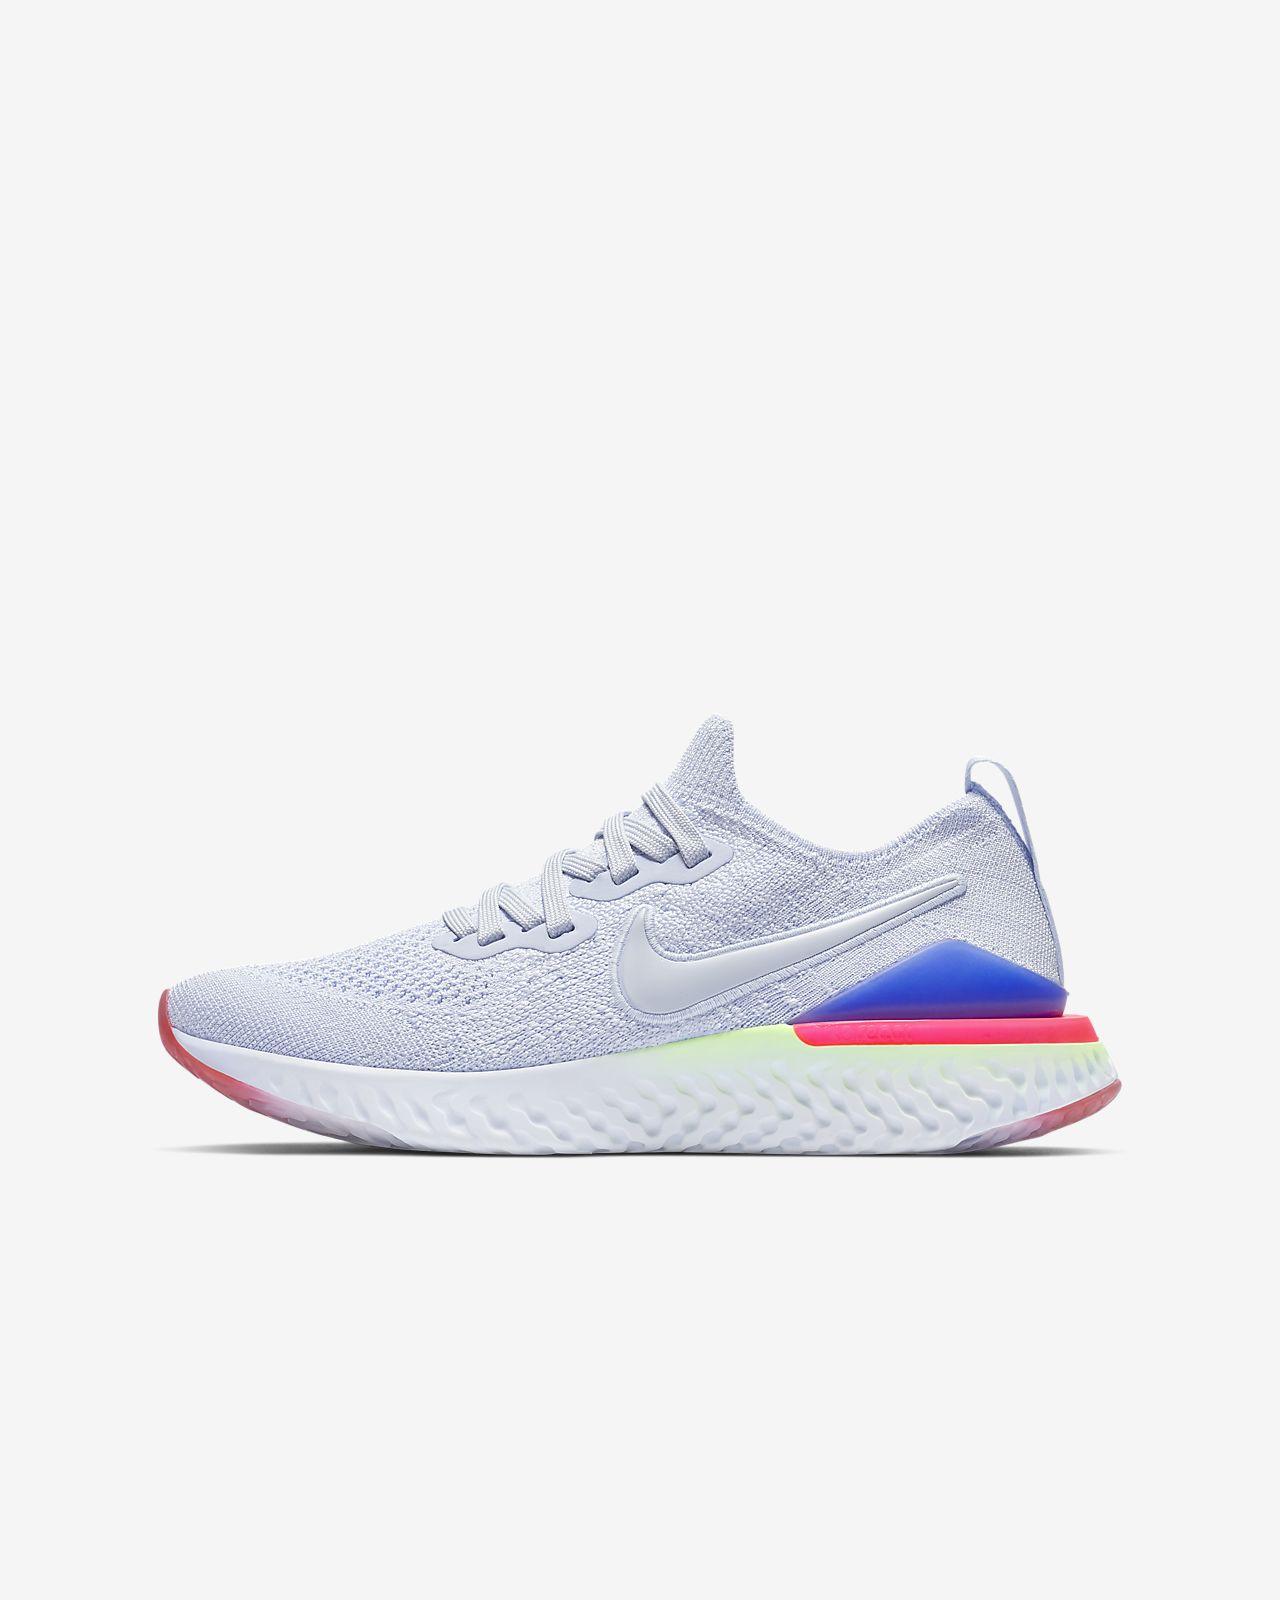 95c758de2703 Nike Epic React Flyknit 2 Older Kids  Running Shoe. Nike.com CA